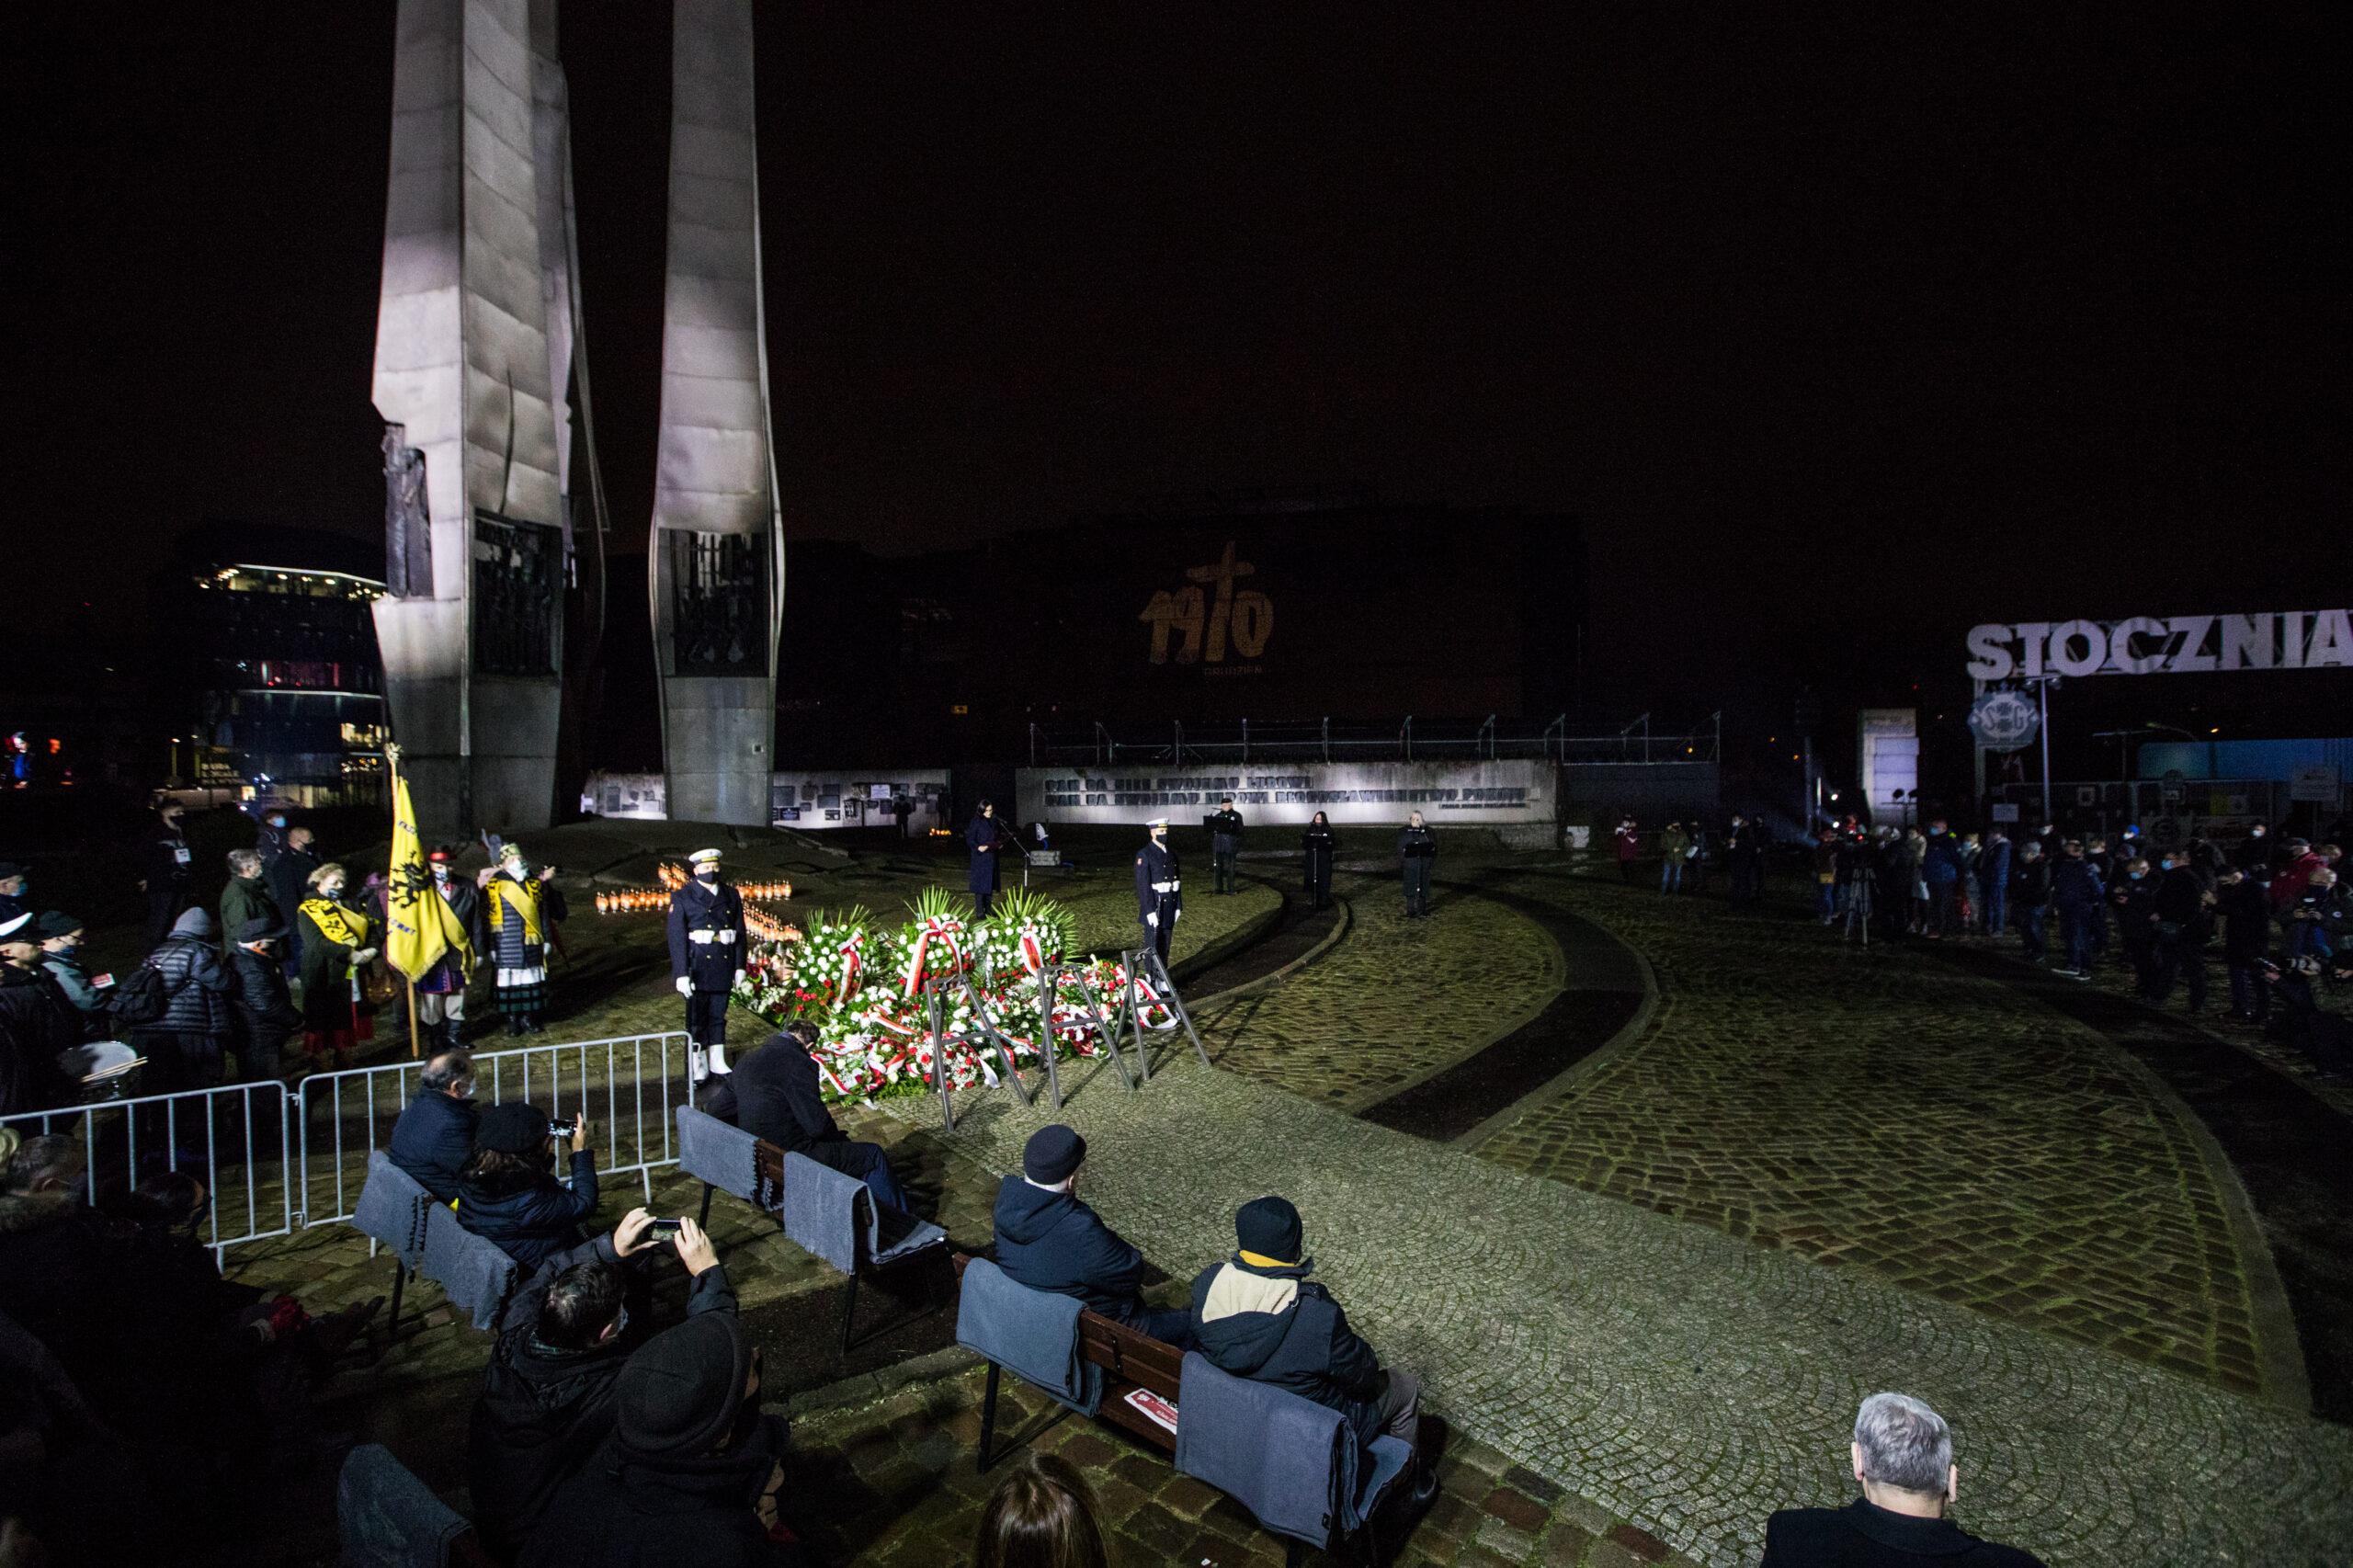 Główne obchody rocznicy Grudnia 1970 w Gdańsku i Gdyni. Pomorze pamięta! [ZDJĘCIA]